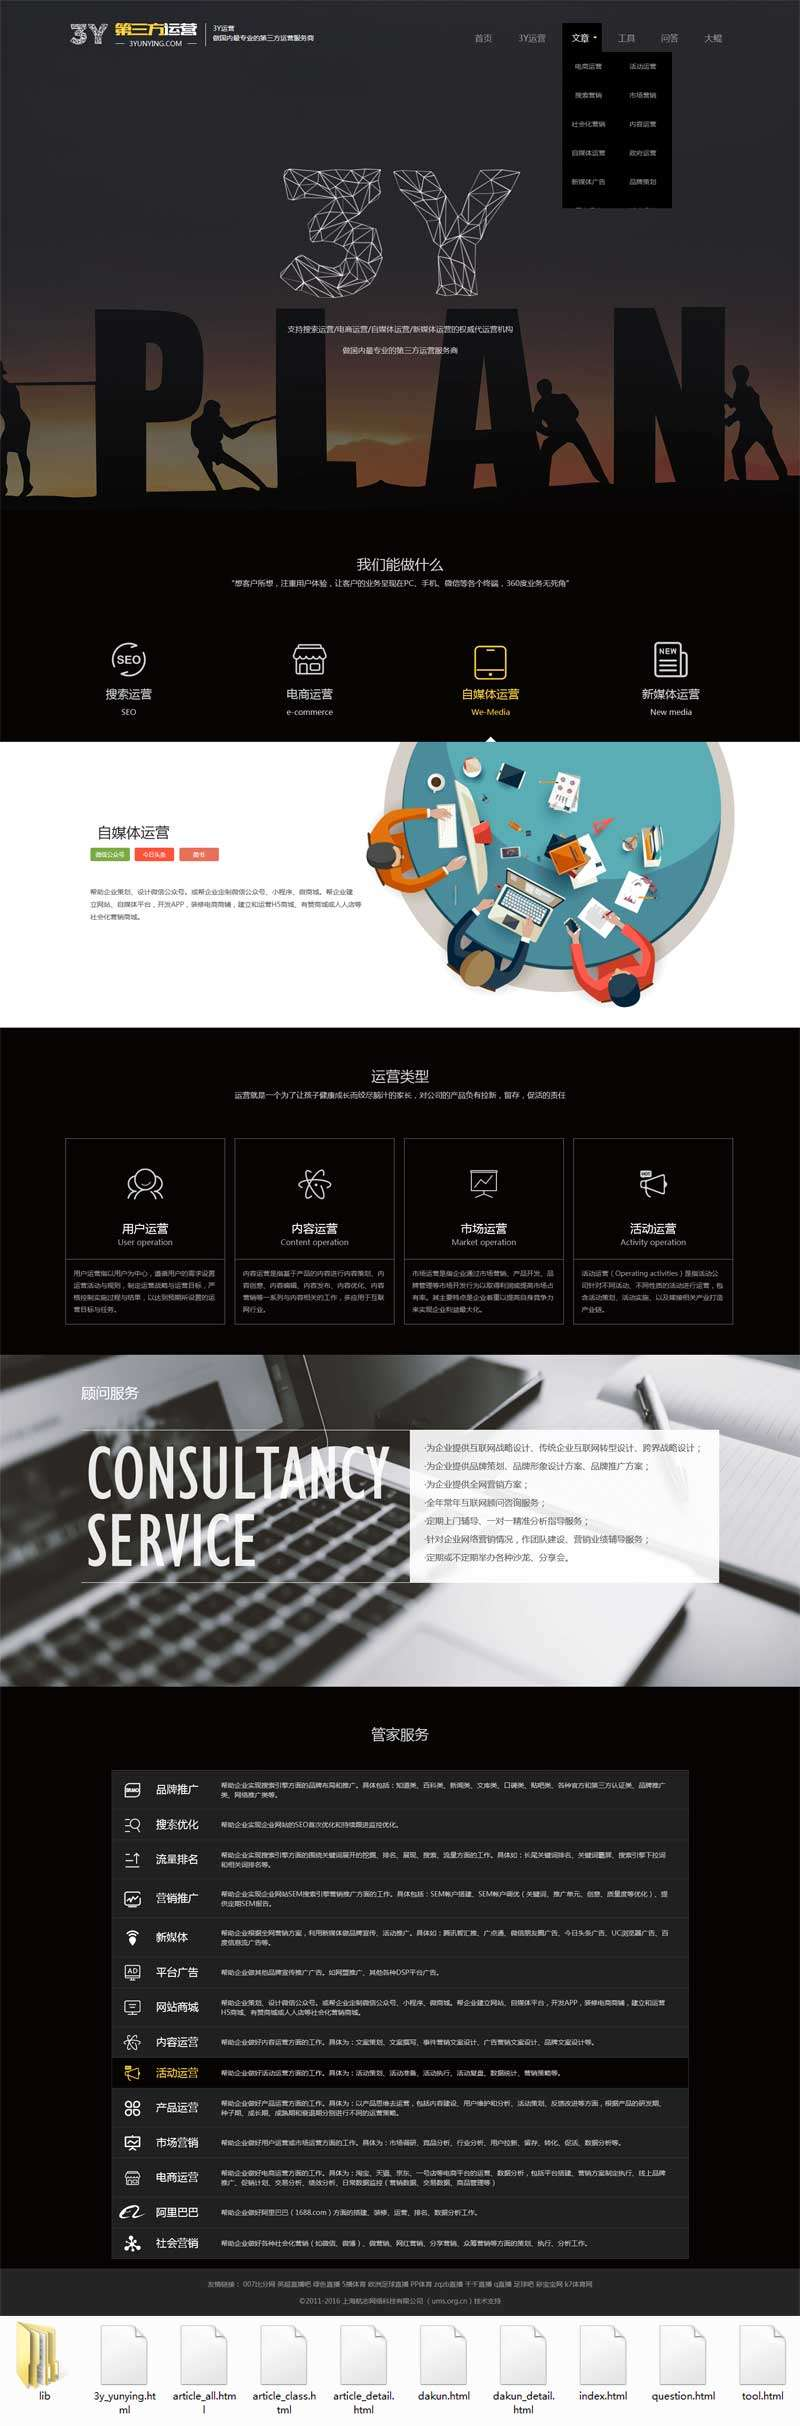 第三方运营服务商网站动画模板